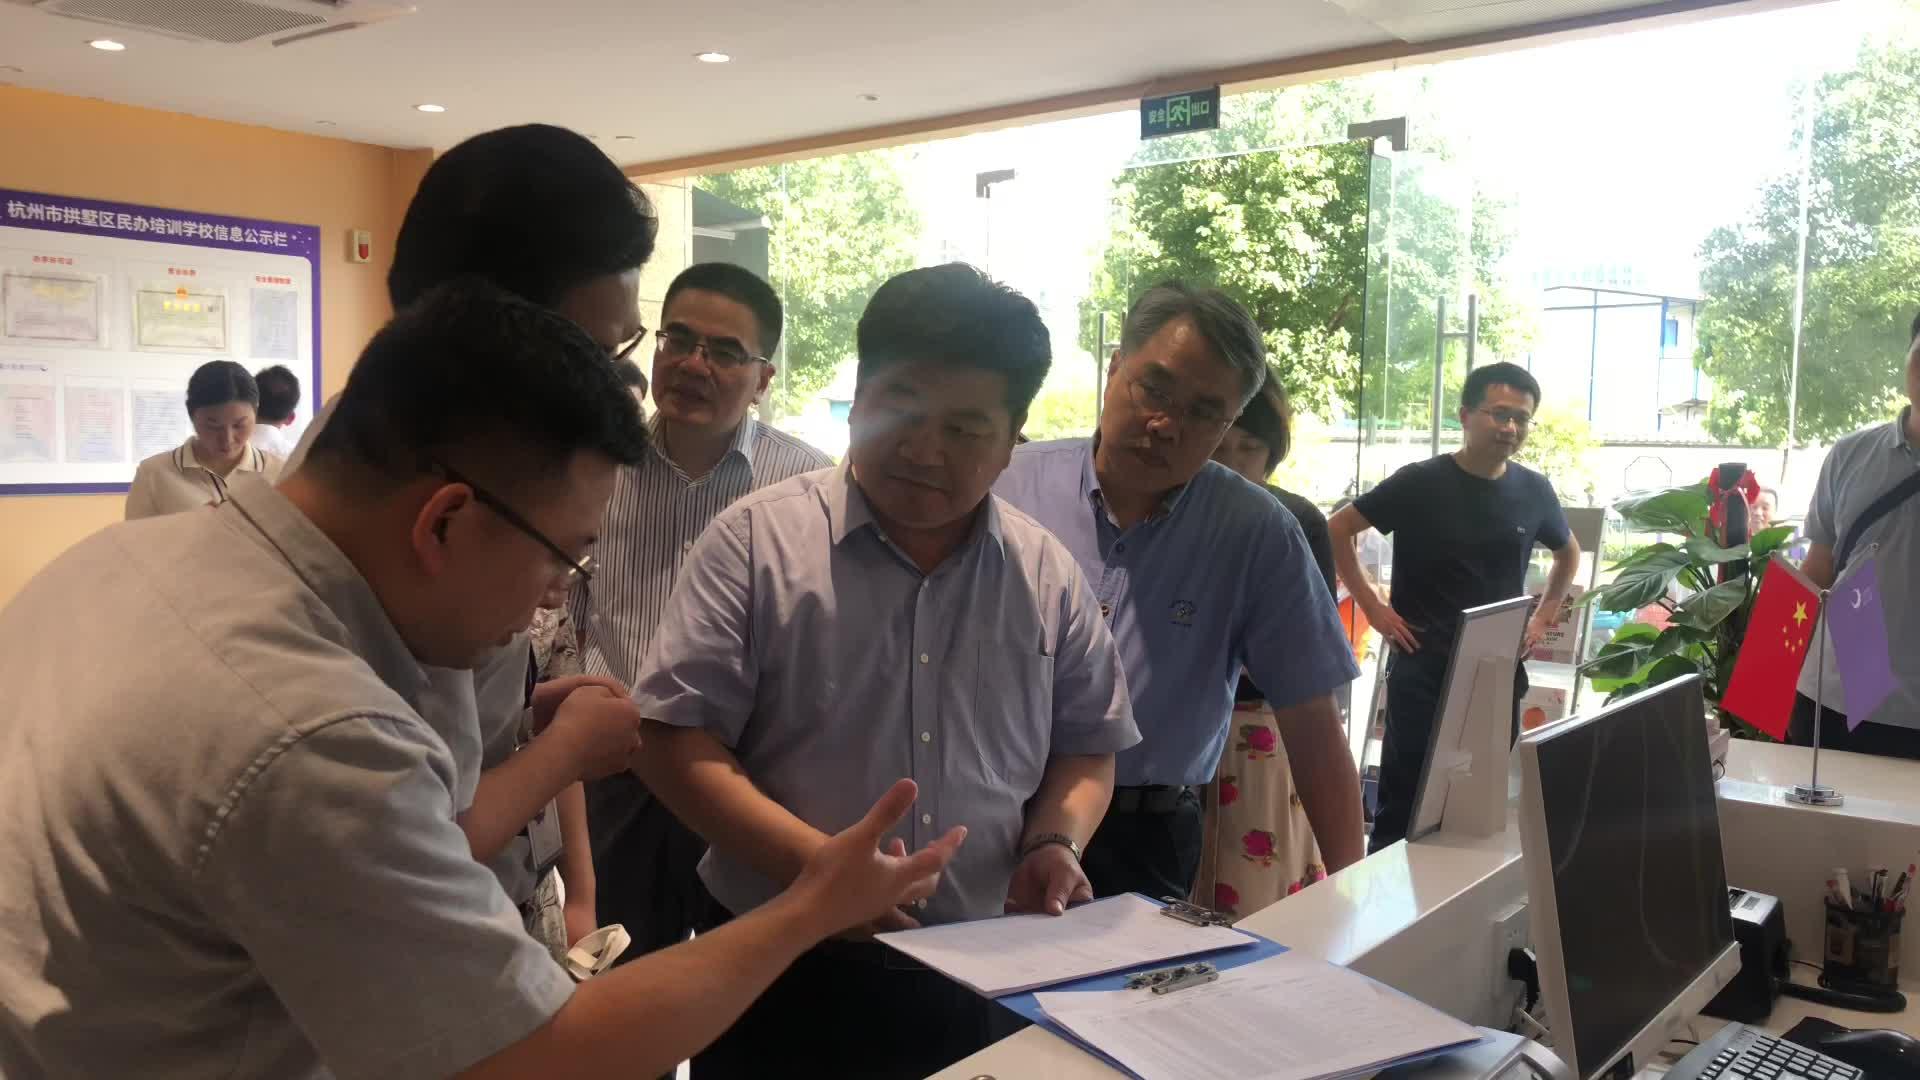 """违规培训又有抬头!杭州这家机构""""提前教学""""被要求整改"""